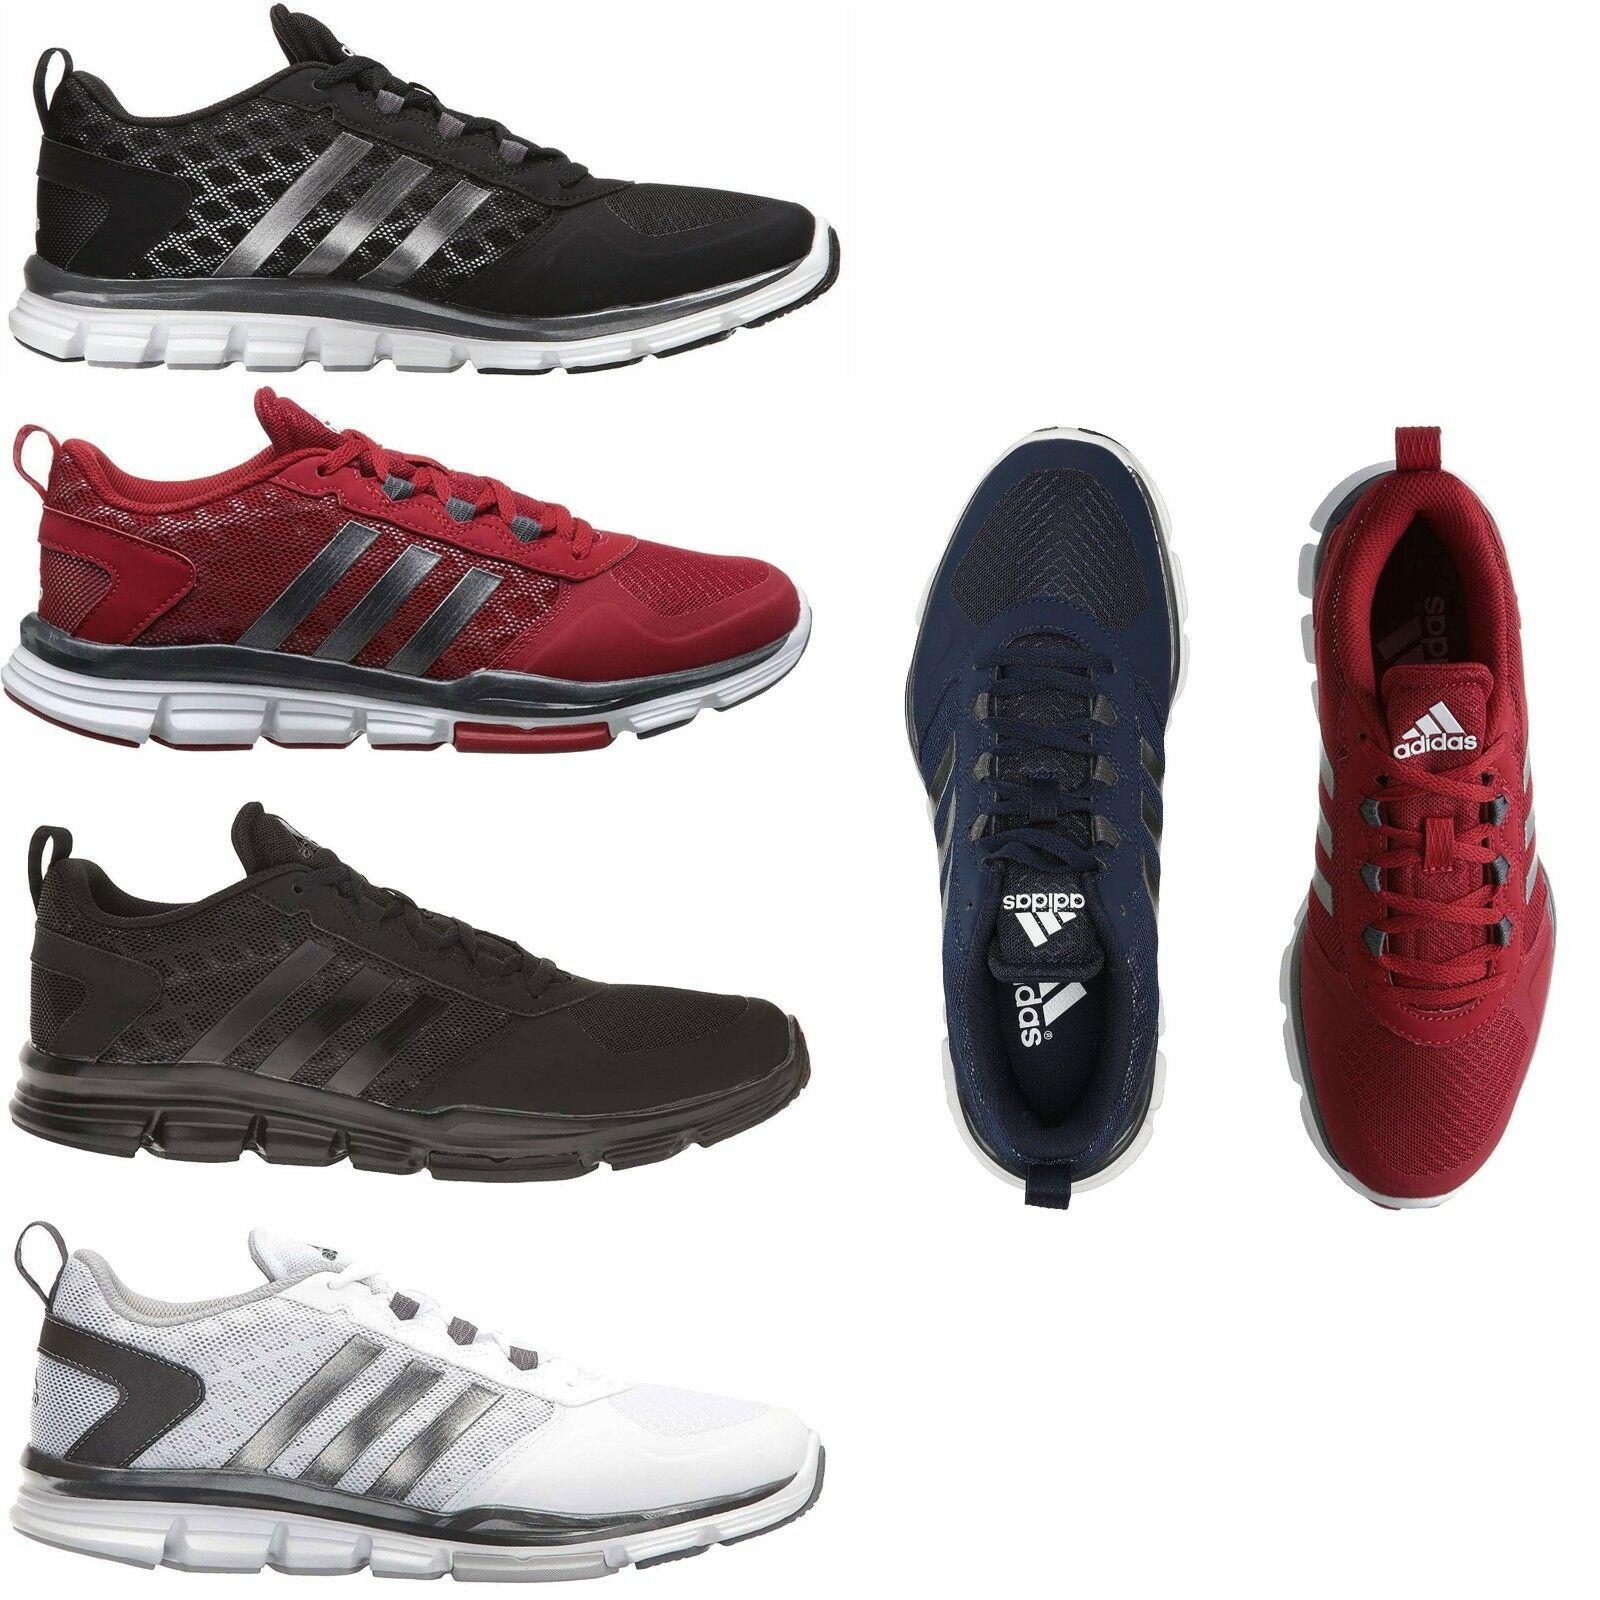 Adidas Men s Speed Trainer 2.0 Futófelületes edzőcipő futócipő